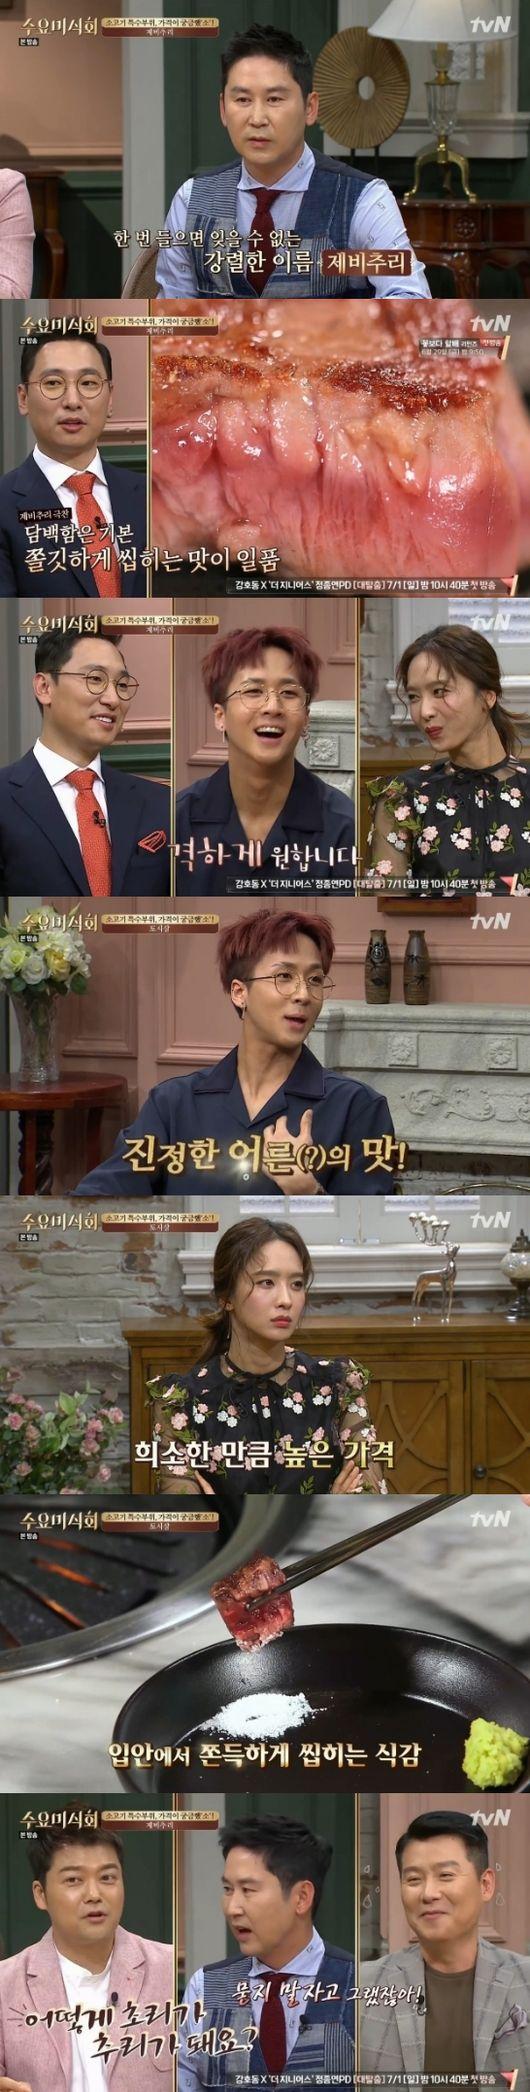 [어저께TV] '수요미식회' 신동엽도 푹 빠진 특수부위, ★들의 무한사랑